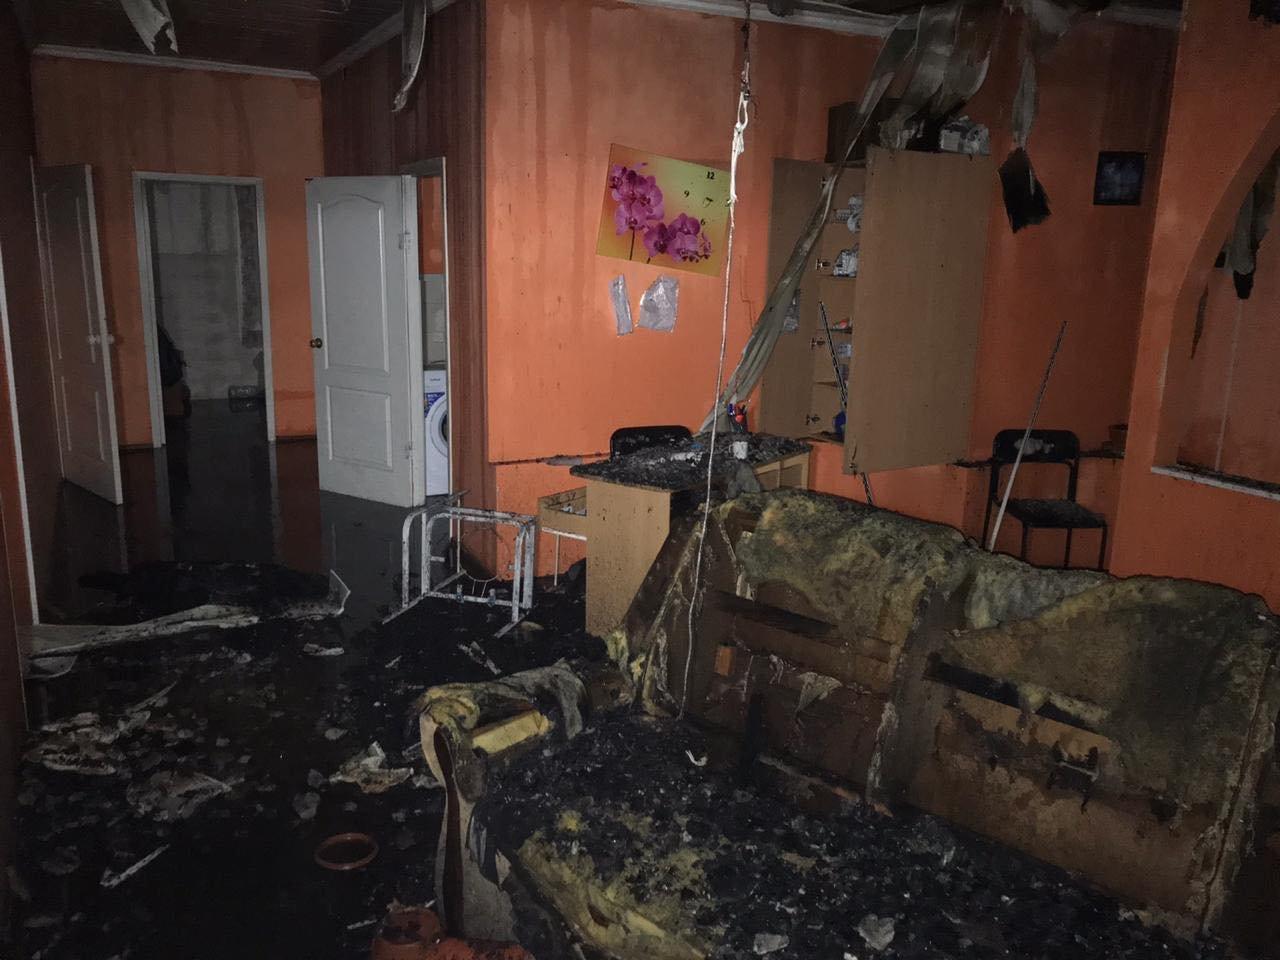 Жалоба та розслідування: що відомо про пожежу у будинку з літніми людьми у Харкові, фото-7